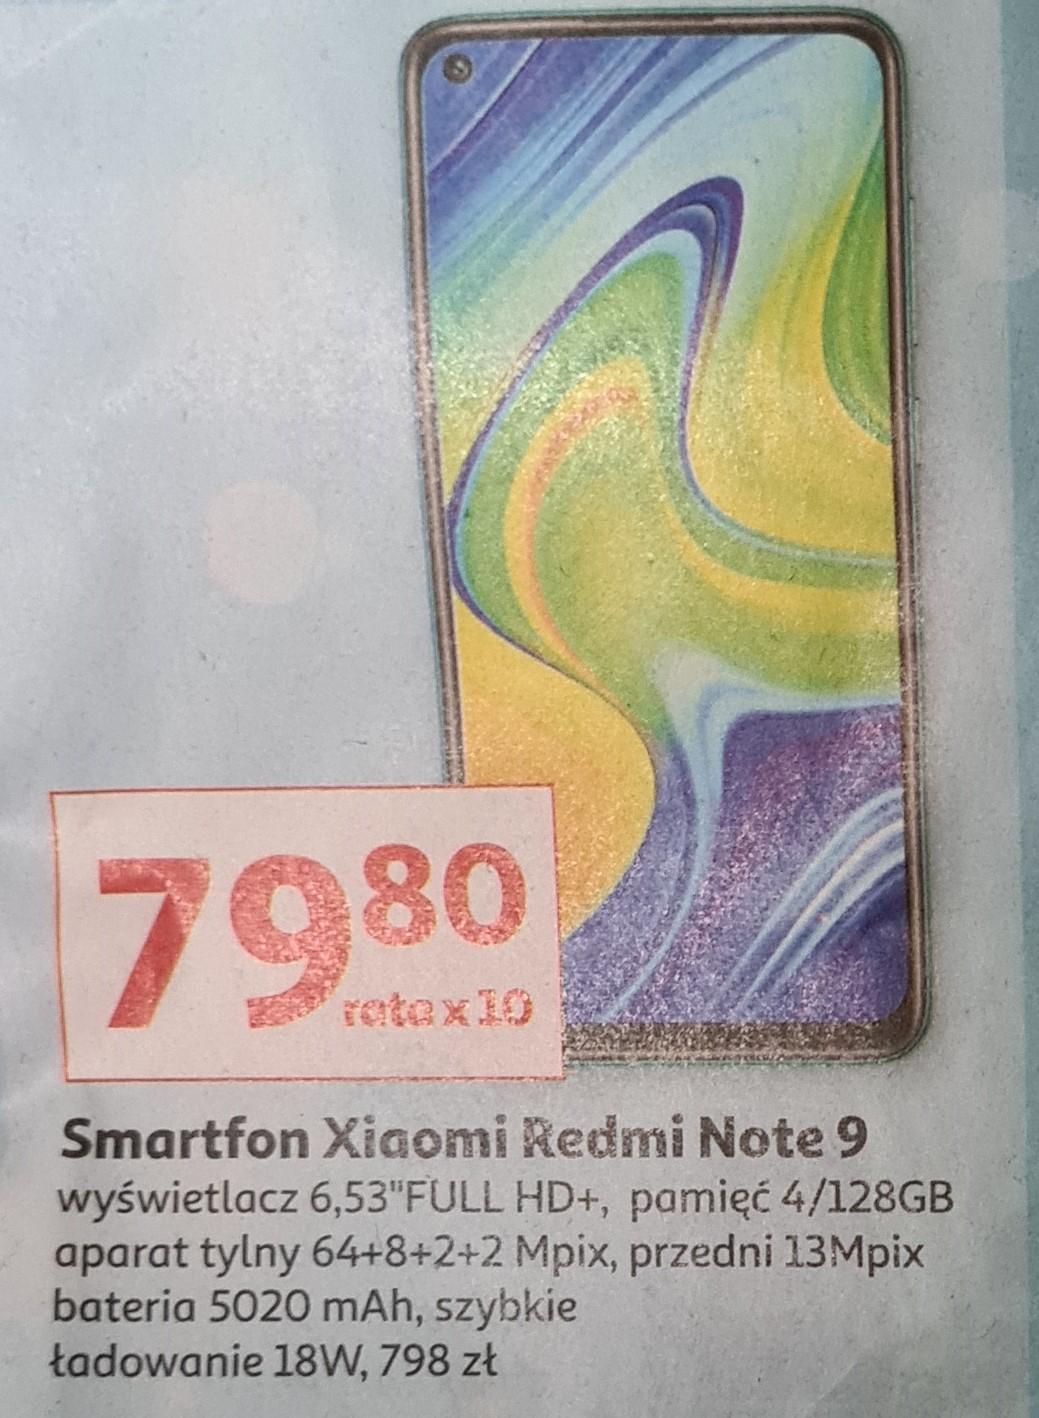 Xiaomi Redmi Note 9 4/128GB 06-07.11.2020, możliwe 718 AUCHAN